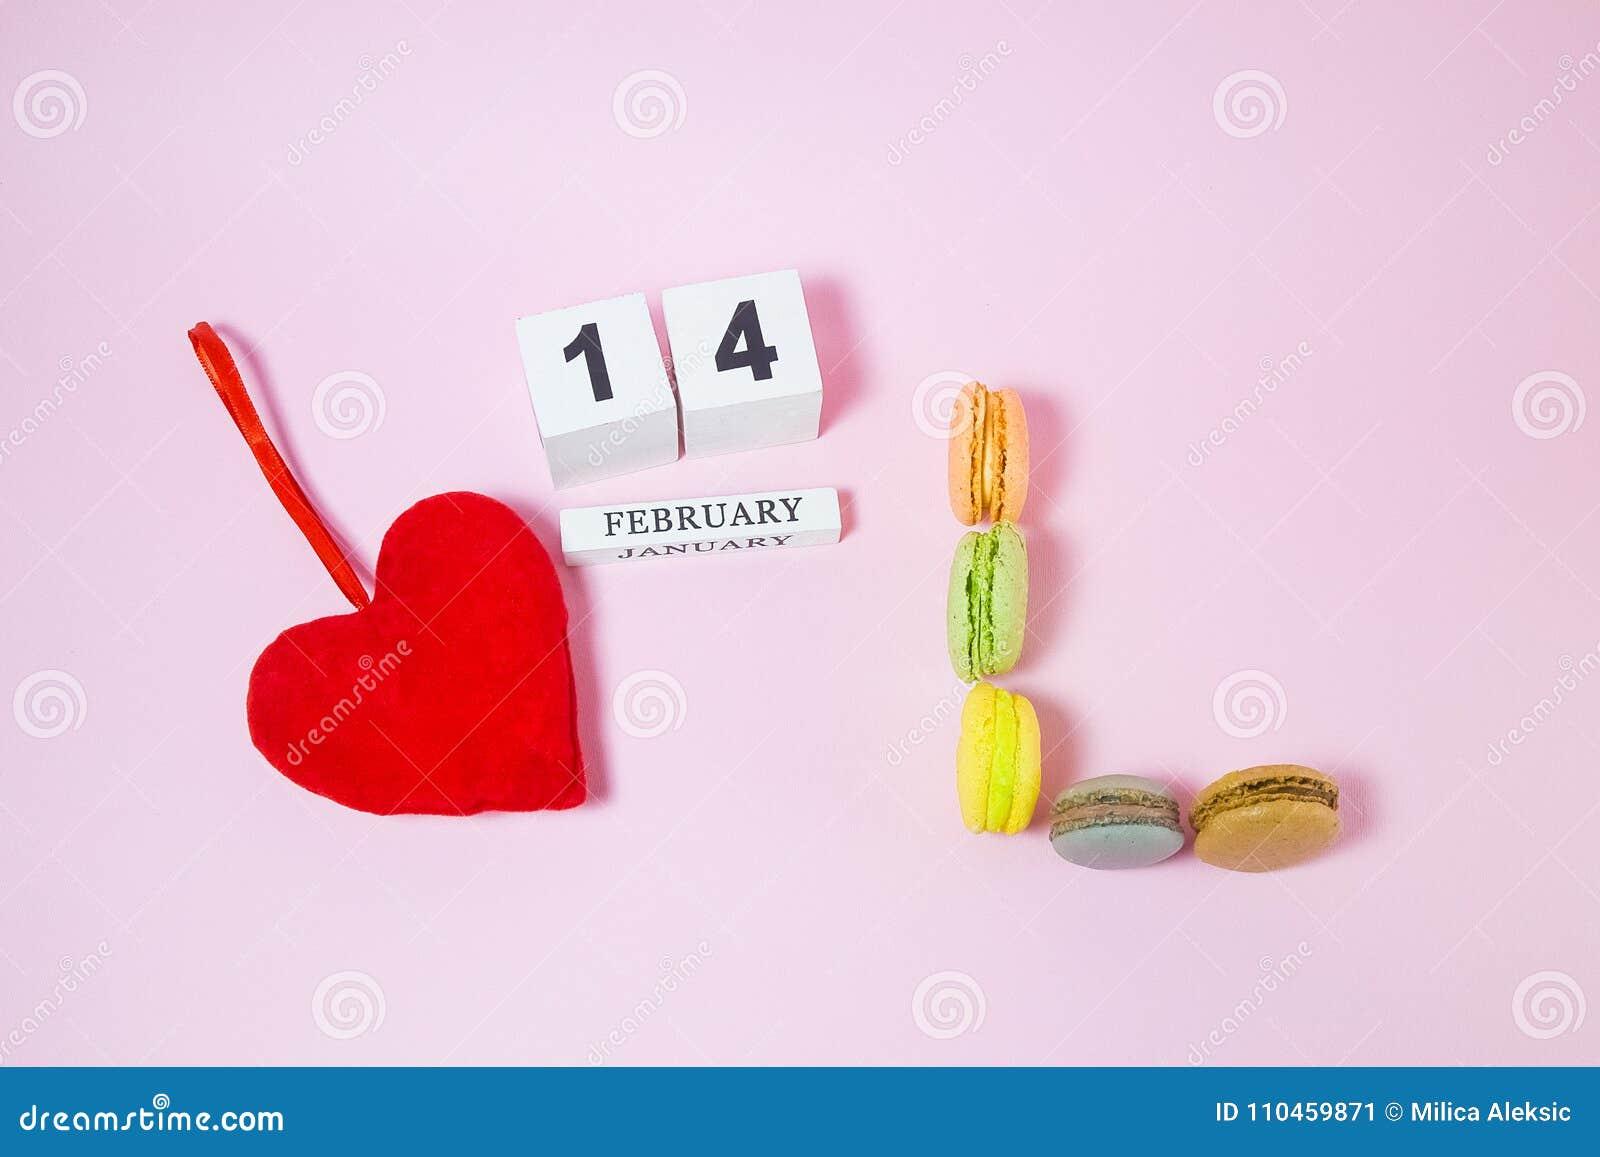 Röd hjärta med träkalendern och macarons i form av bokstäver L simbol av förälskelse